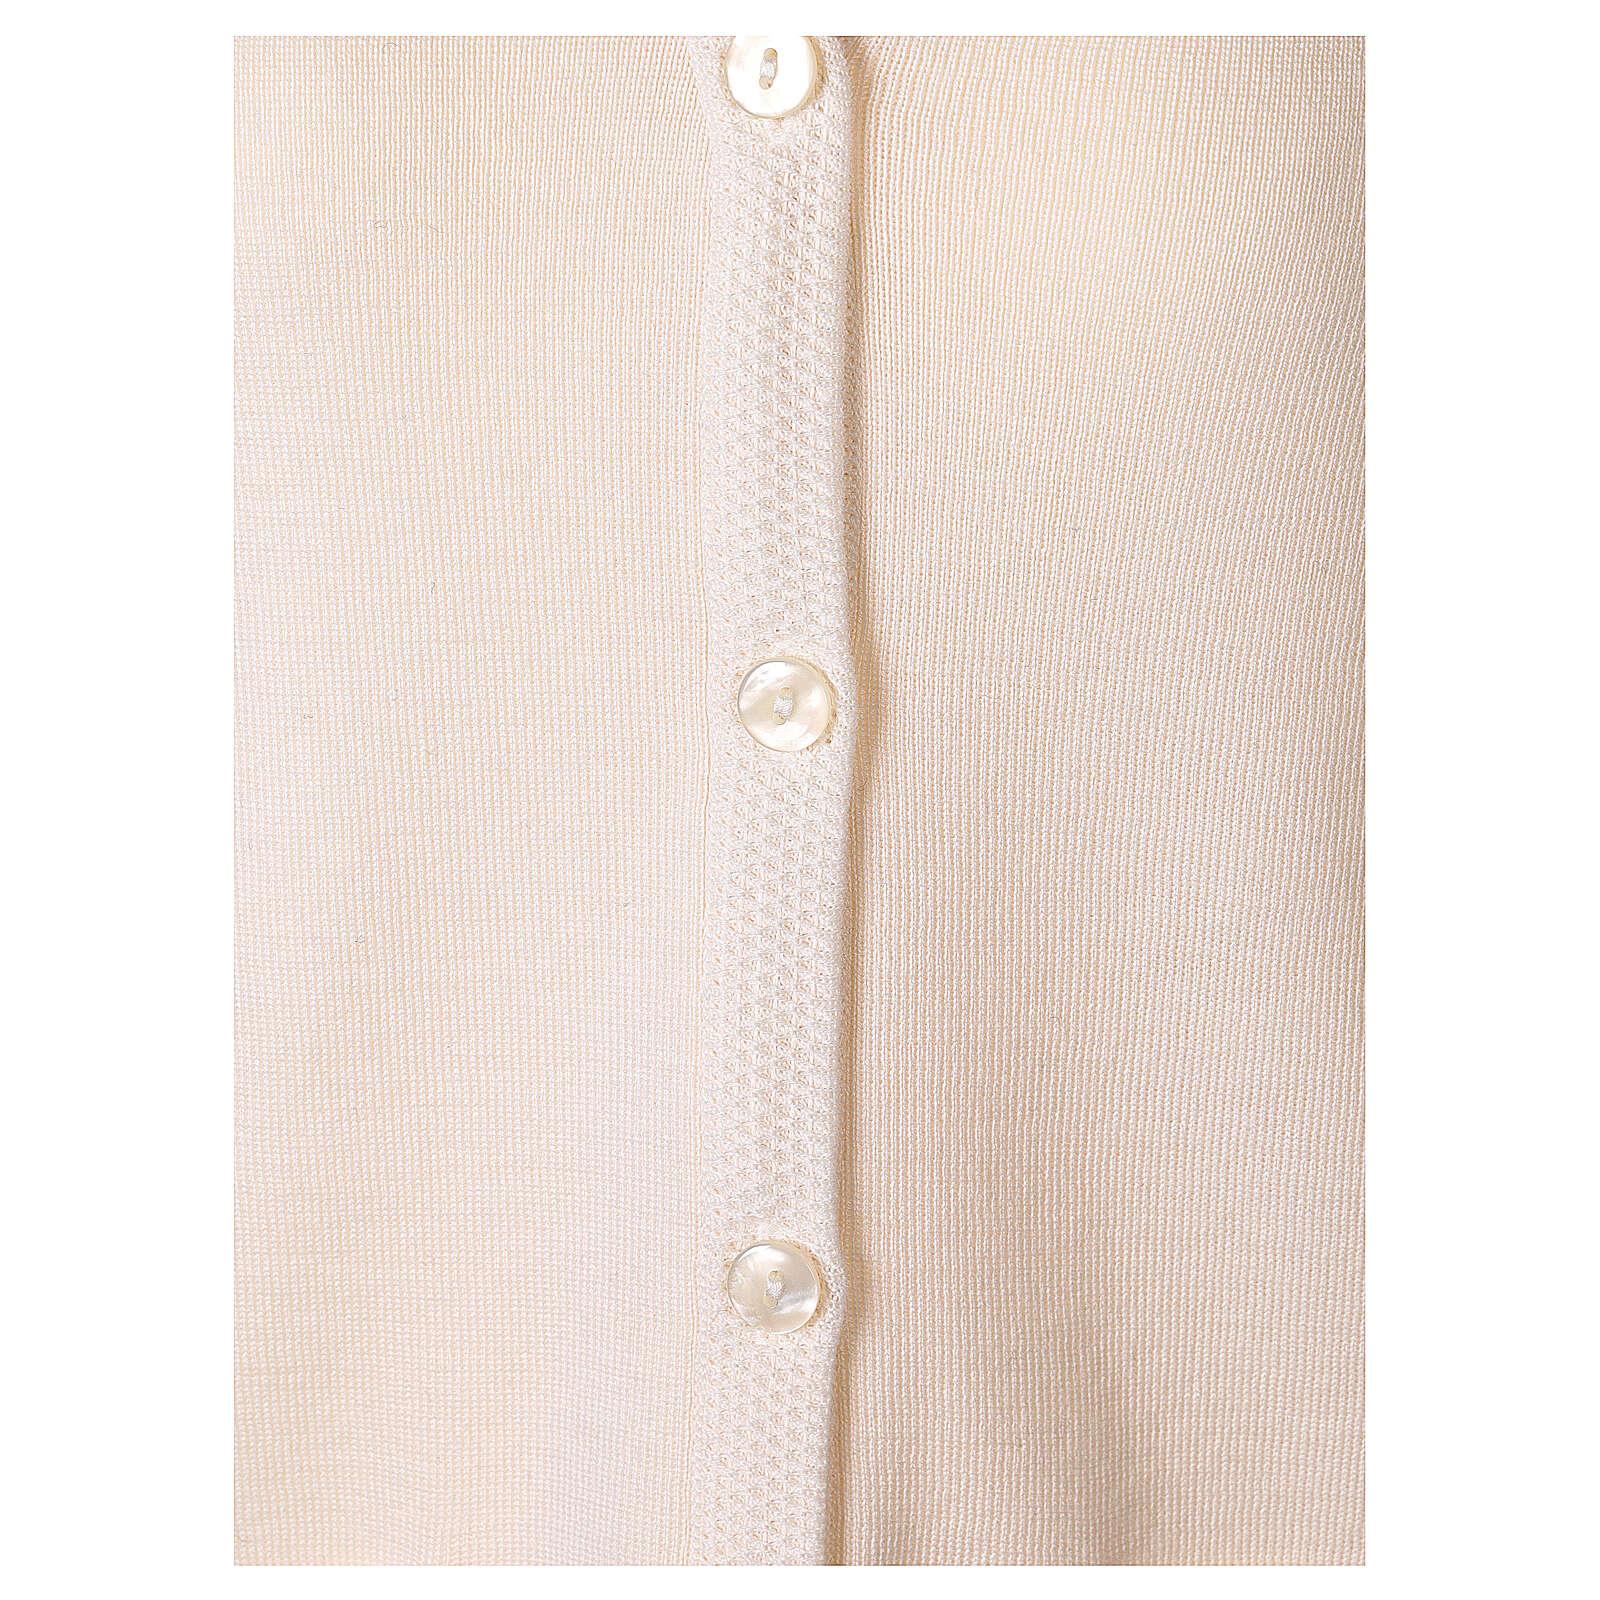 Cardigan suora bianco collo V tasche TAGLIE CONF. 50% acr. 50% merino In Primis 4